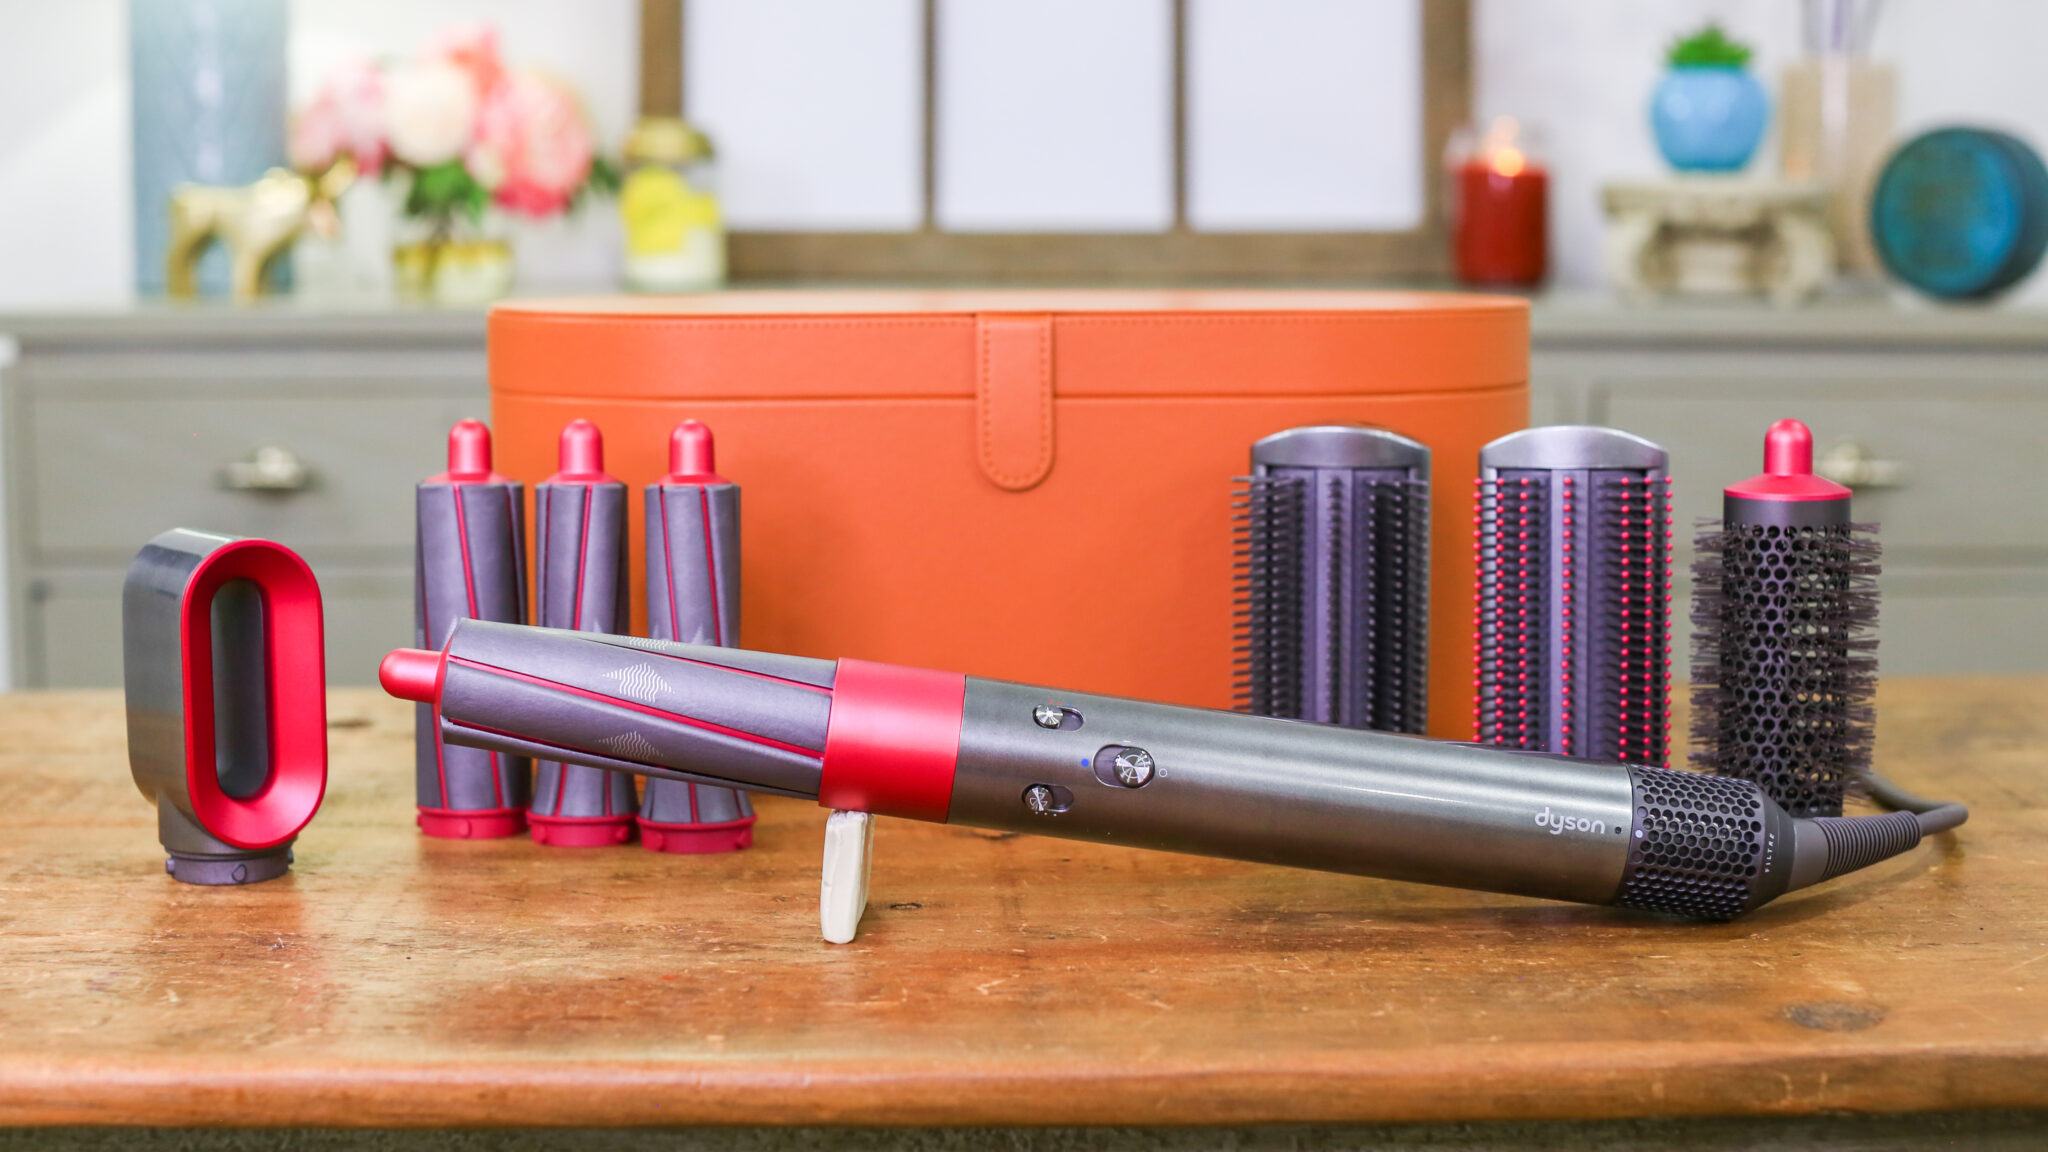 Dyson airwrap купить купить ручку для пылесоса дайсон